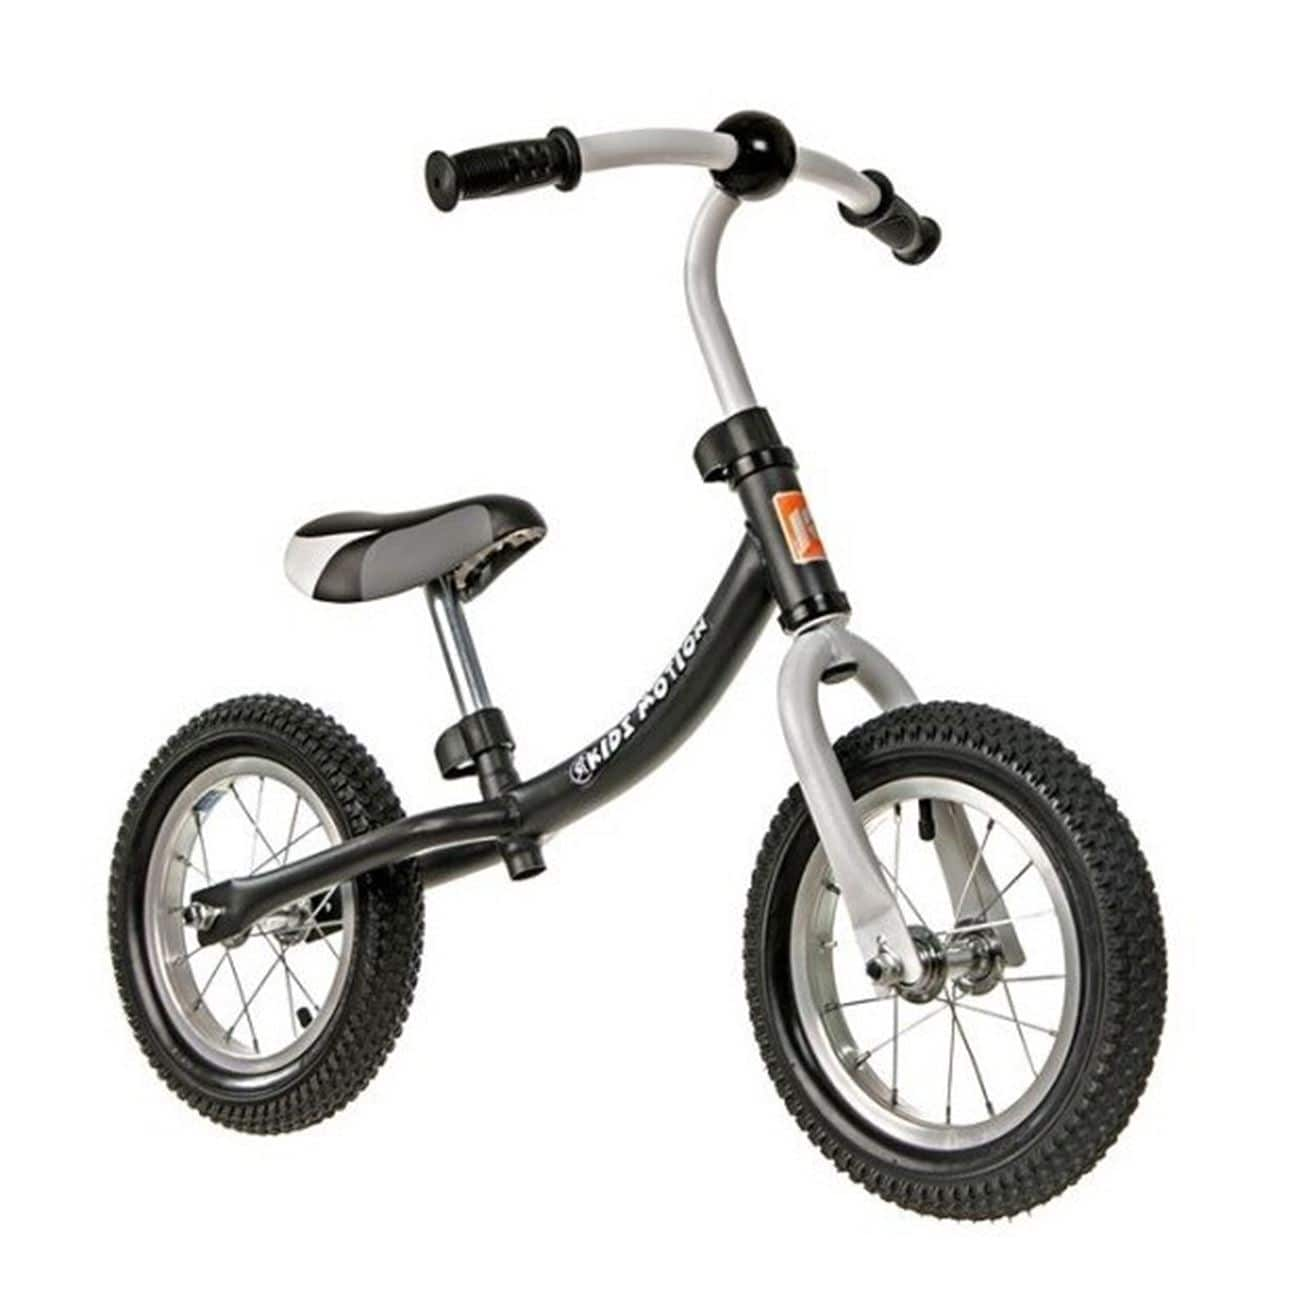 Προπαιδευτικό Ποδήλατο Ισορροπίας